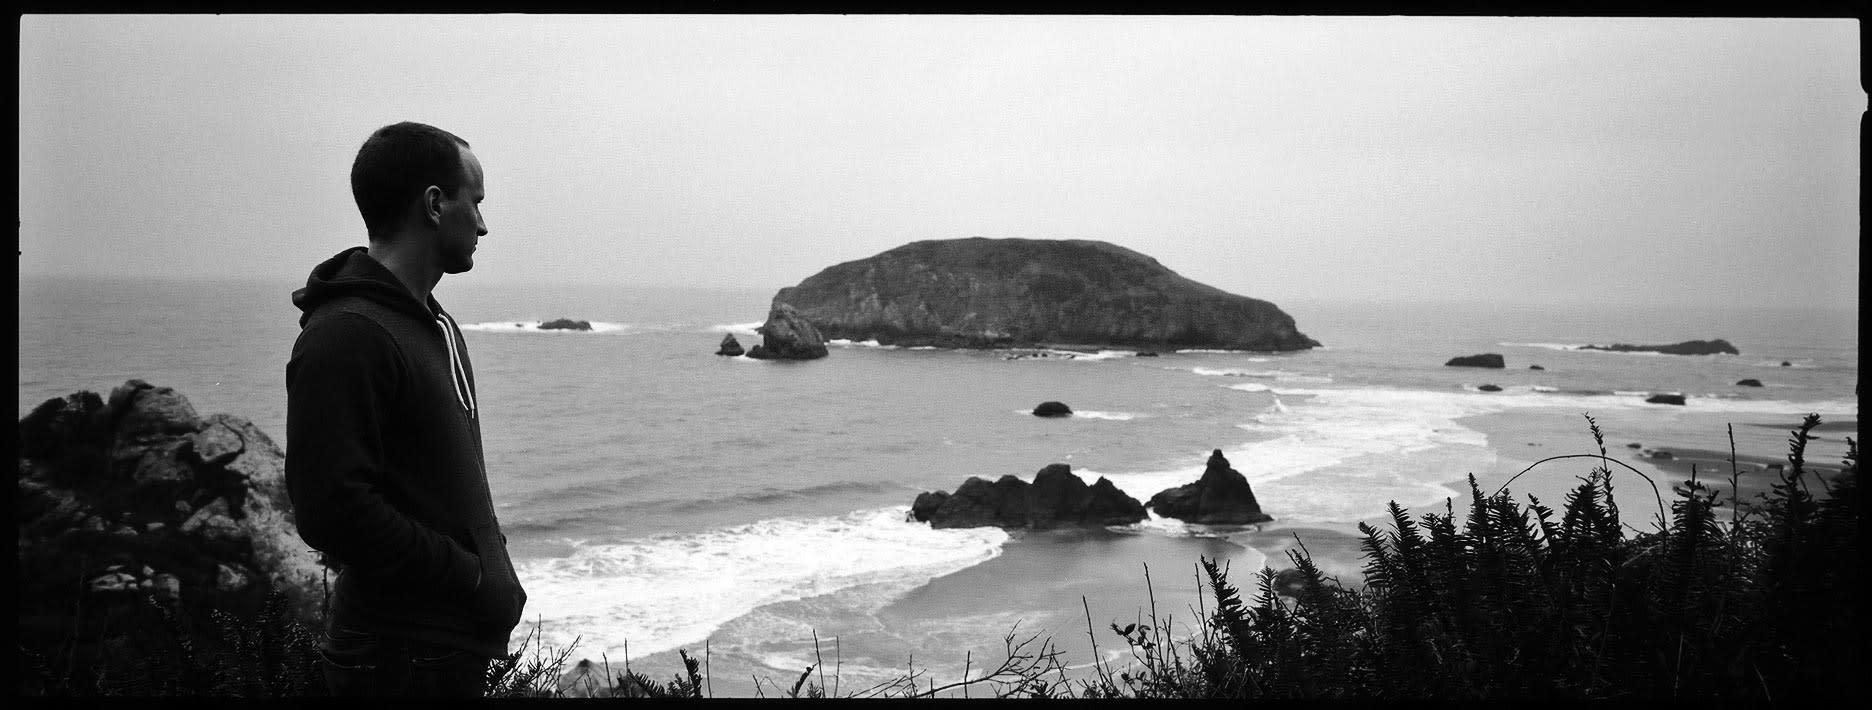 <div class='title'>           Spencer Reynolds Harris Beach by Joe Curren         </div>